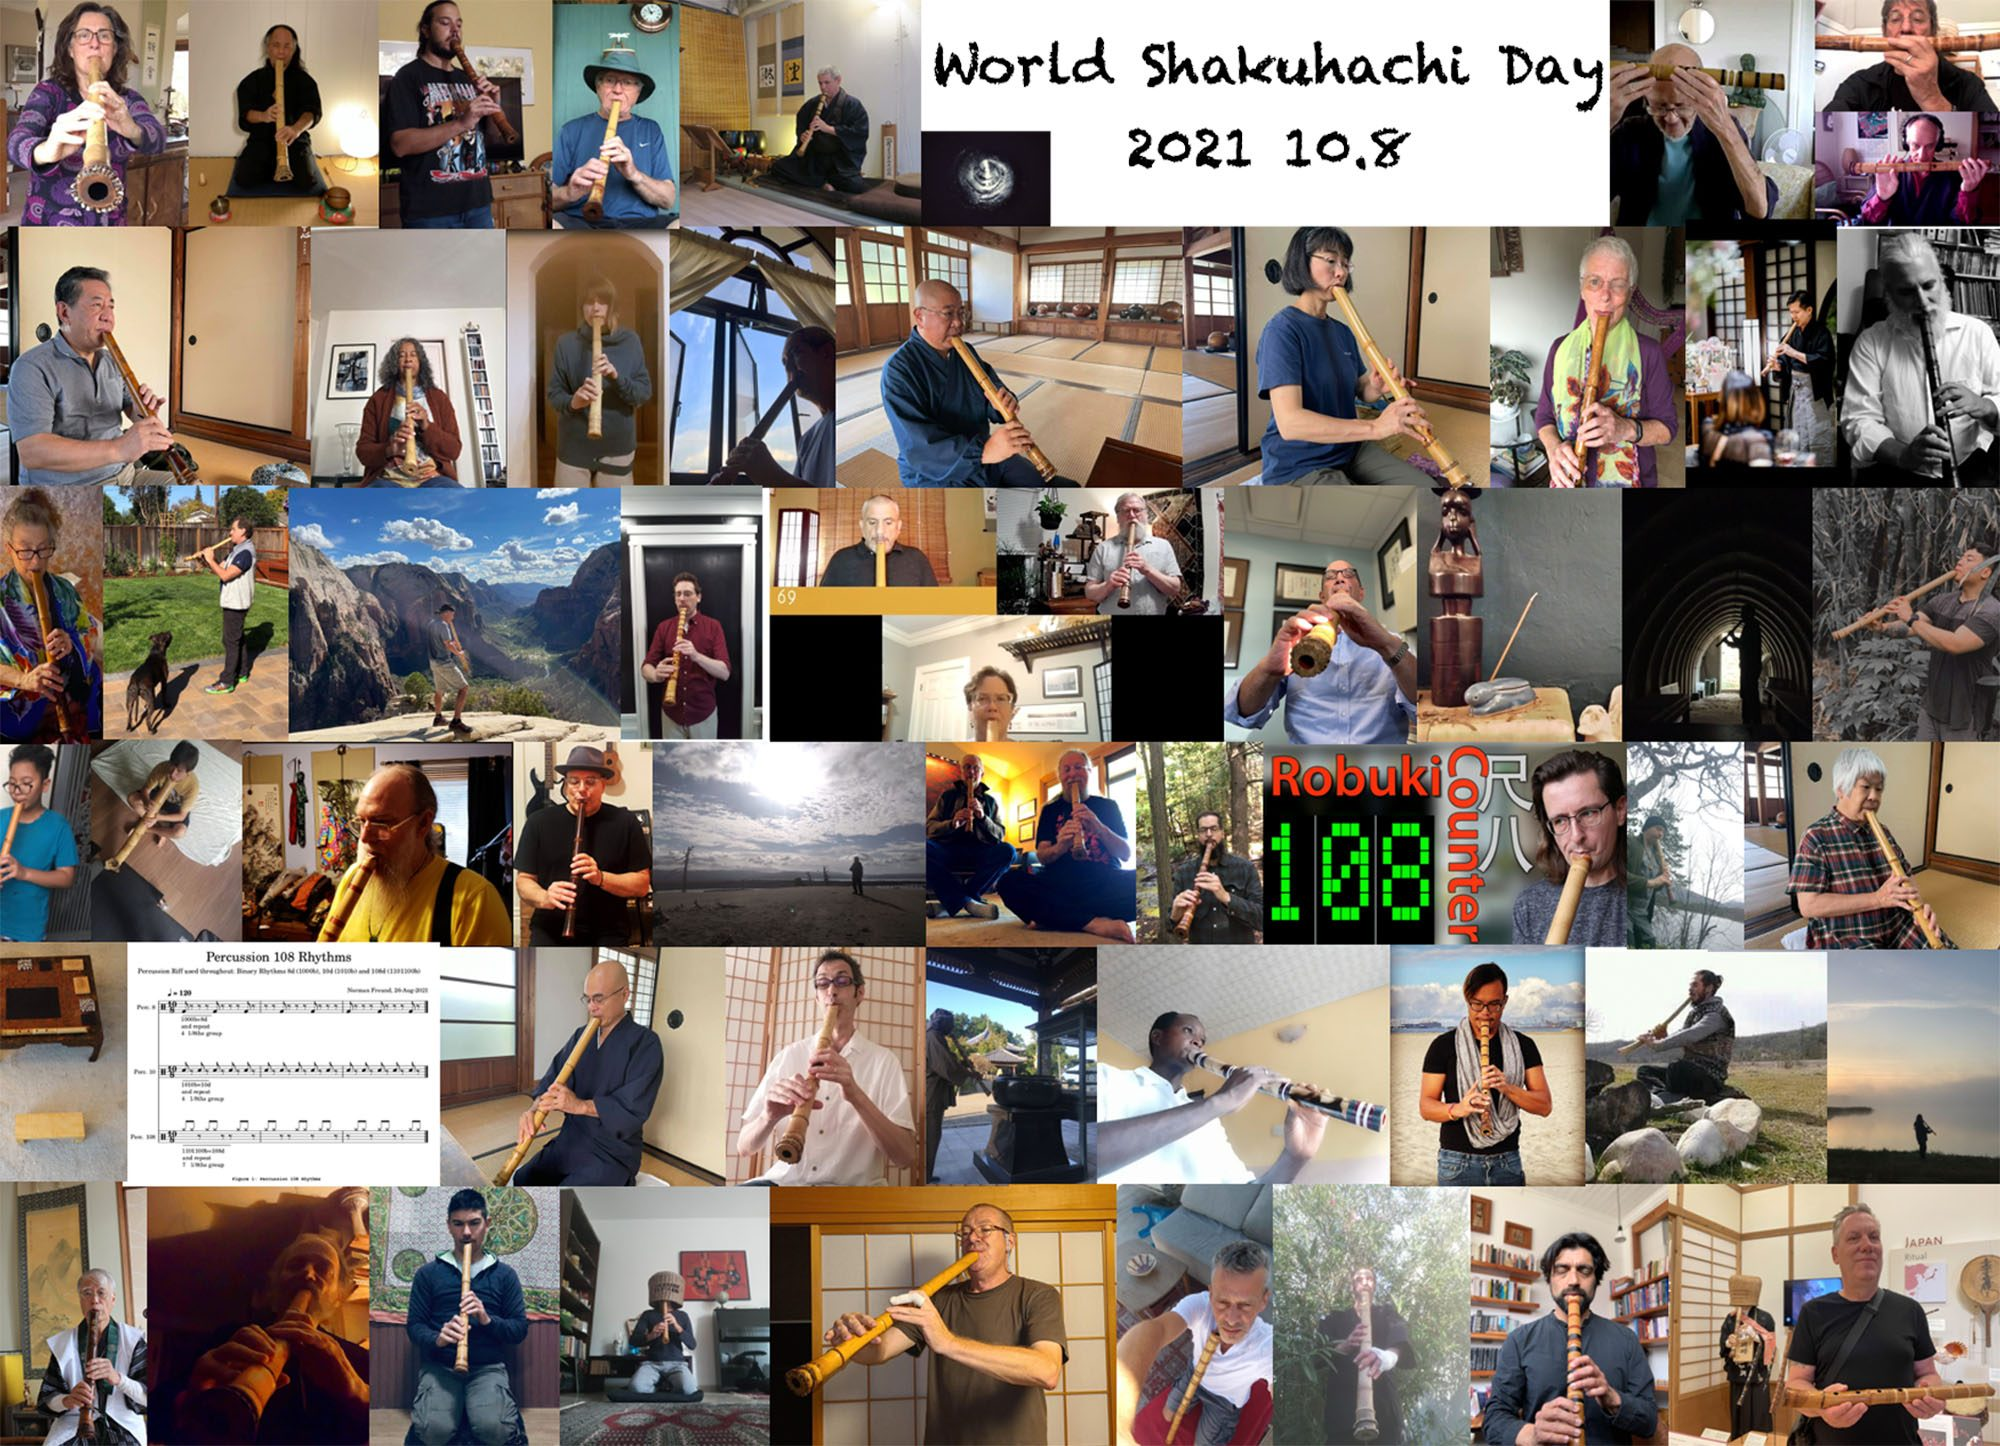 WorldShakuhachiDay.com